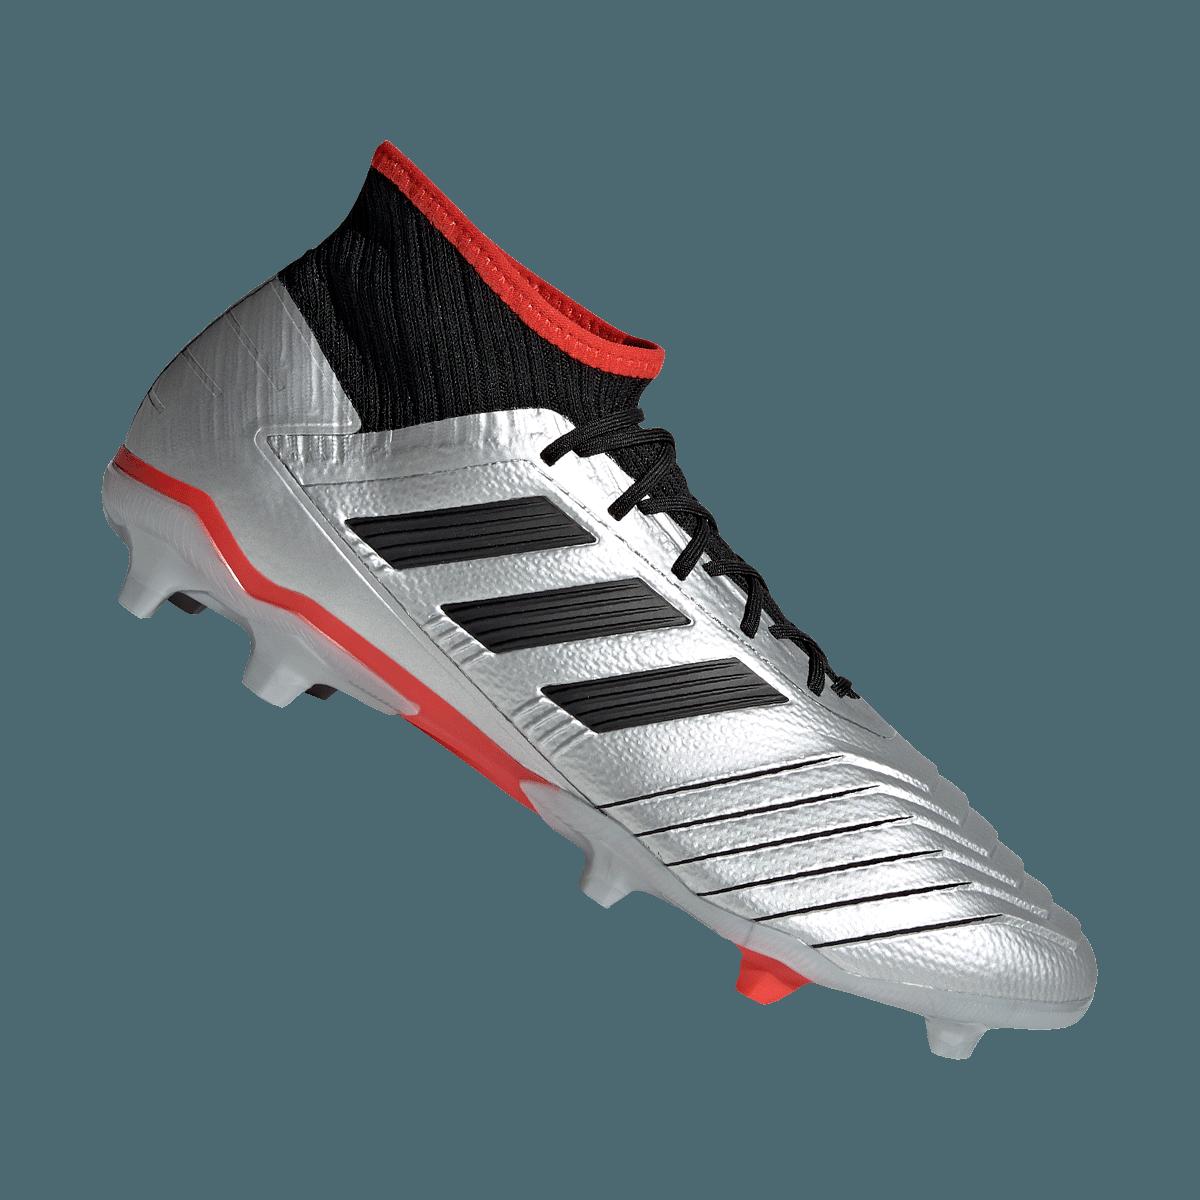 adidas voetbalschoenen Predator 19.2 FG zilverzwart Voetbal shop